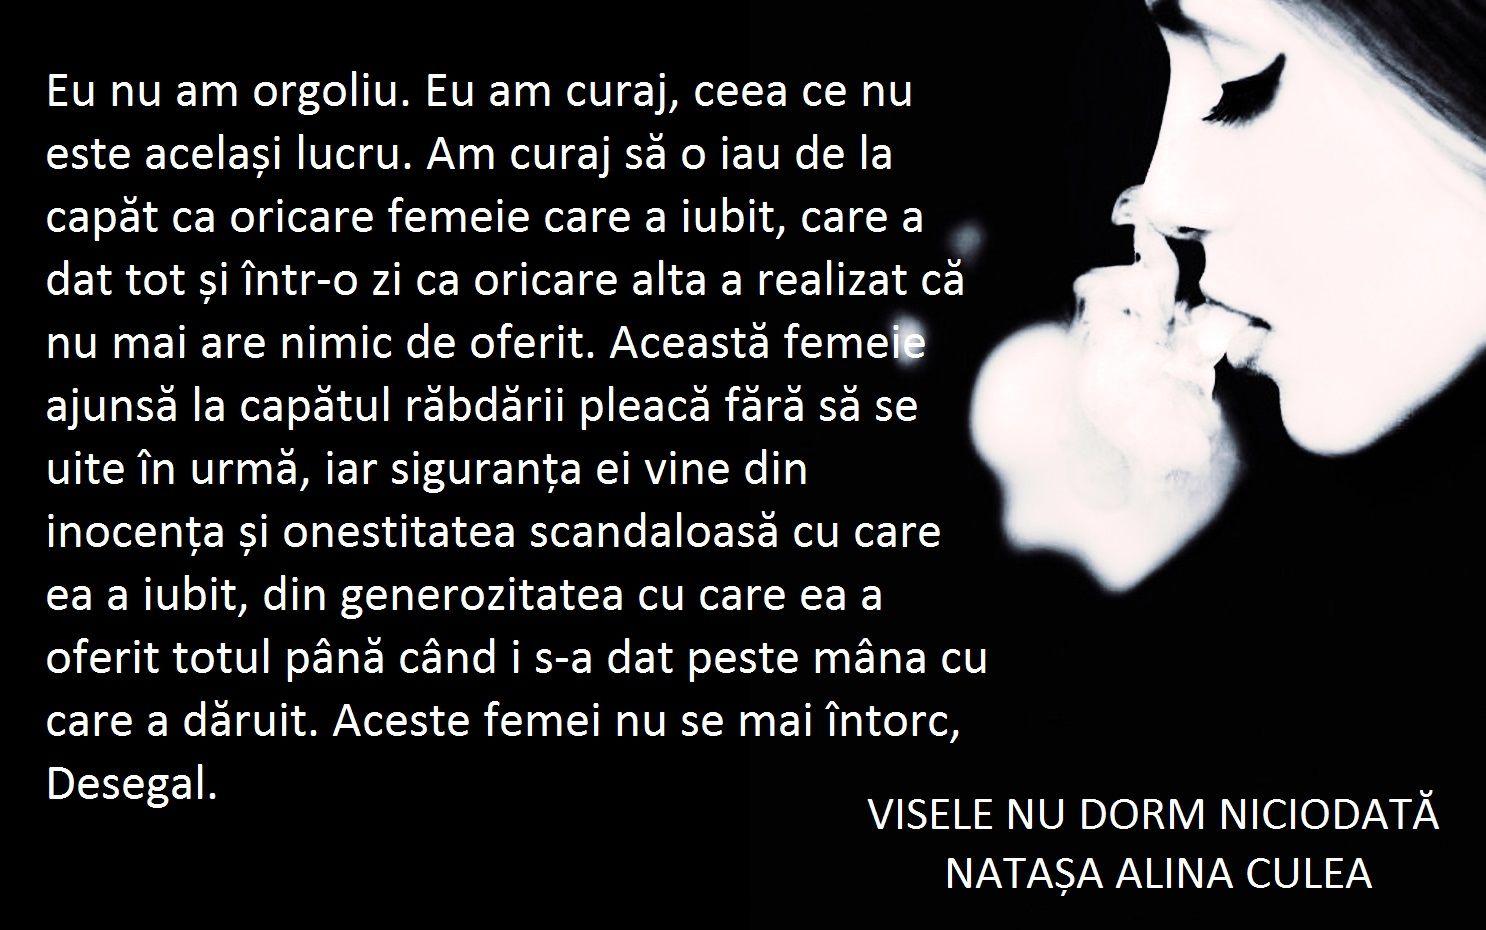 citate femei Citat visele nu dorm niciodata iubire, curaj, orgoliu, femei  citate femei